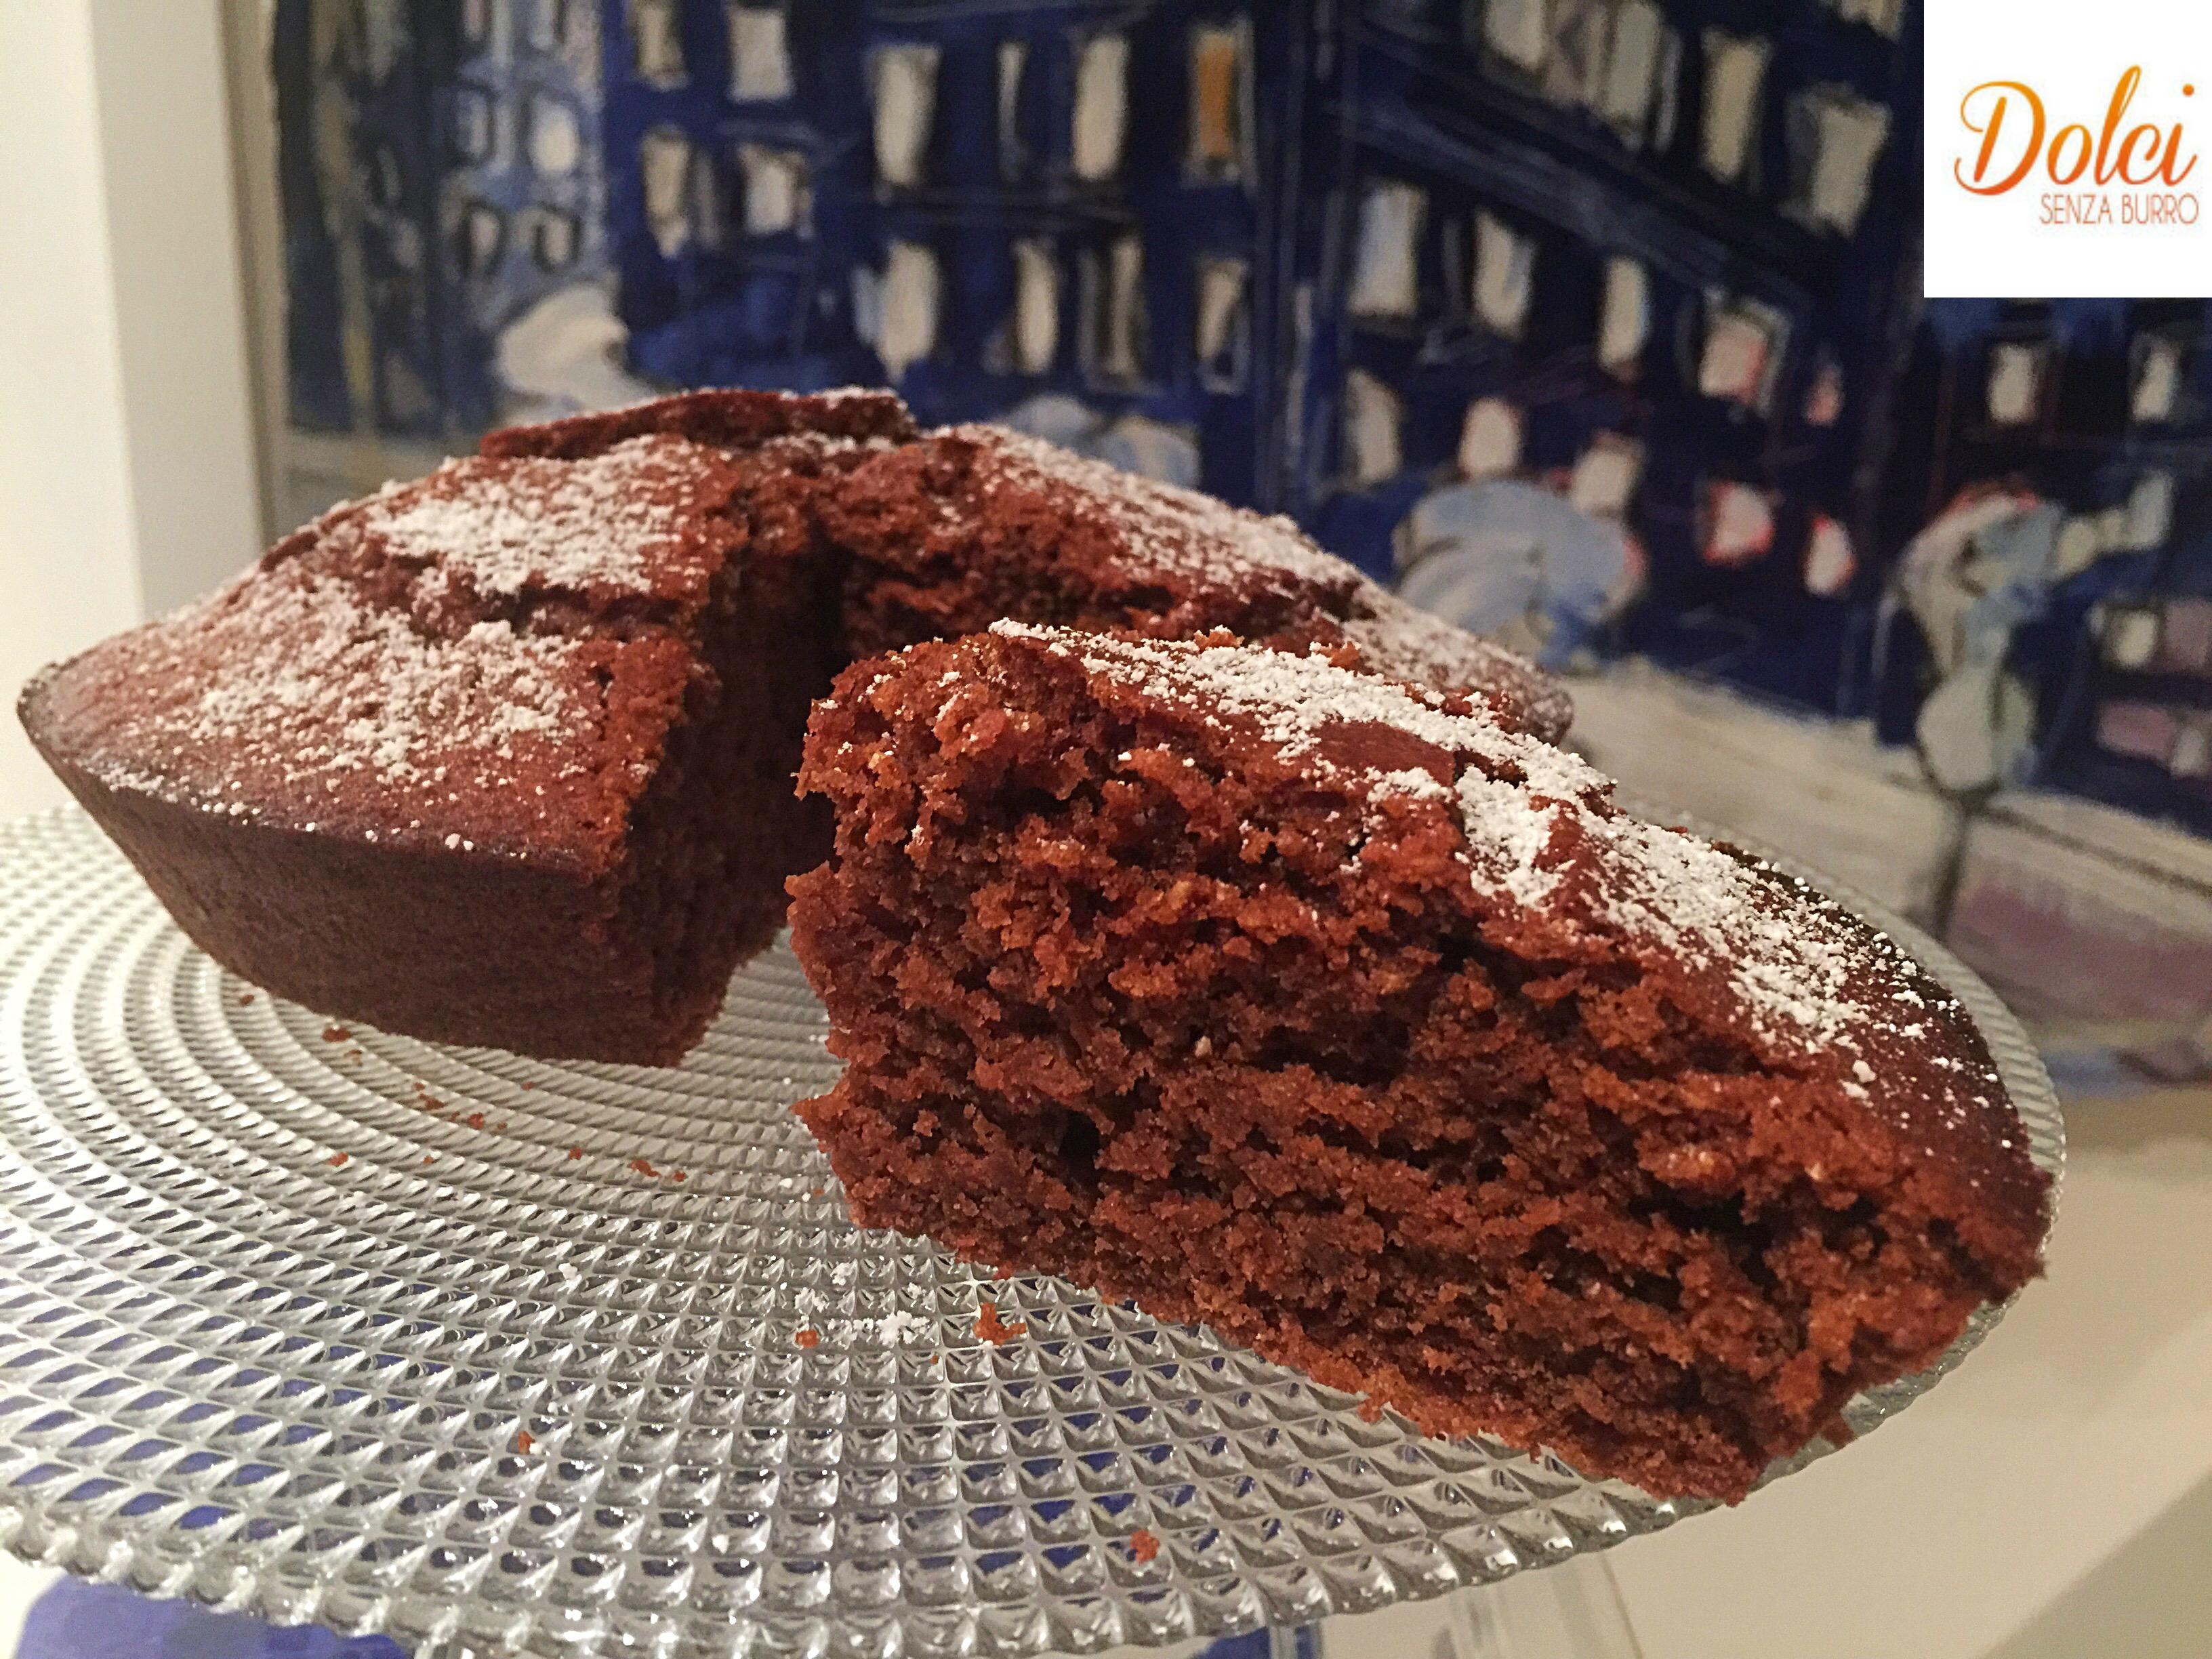 Torta all'Acqua al Cioccolato senza burro, uova e latte un dolce goloso e leggero di dolci senza burro